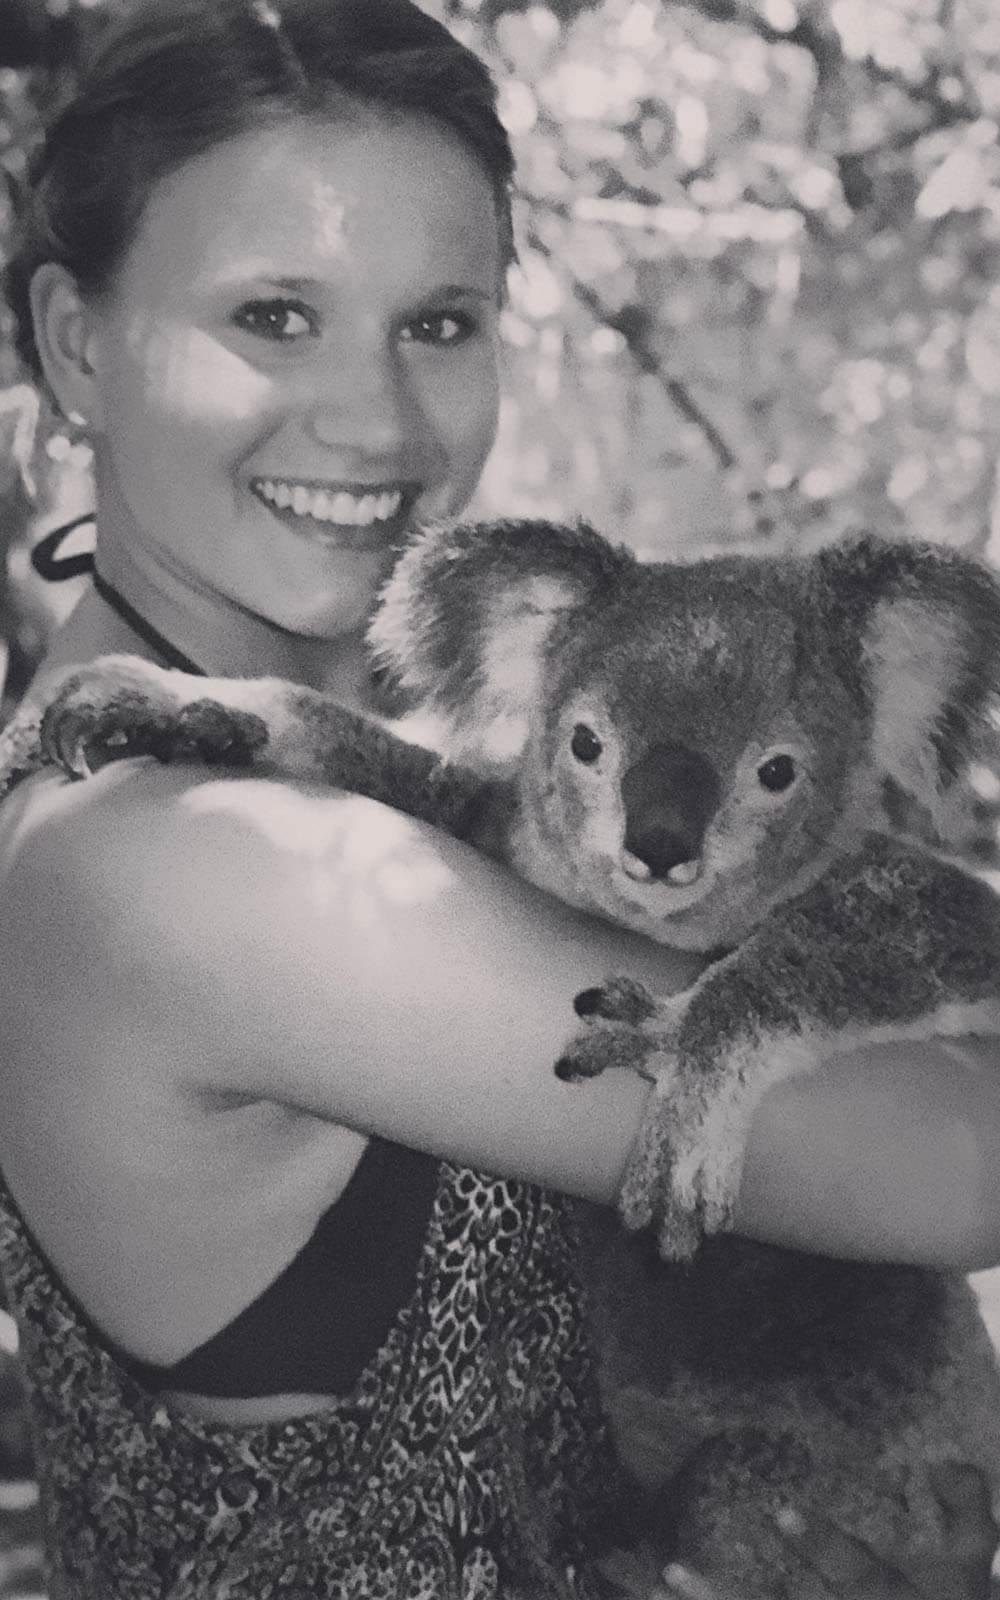 Kora mit Koala